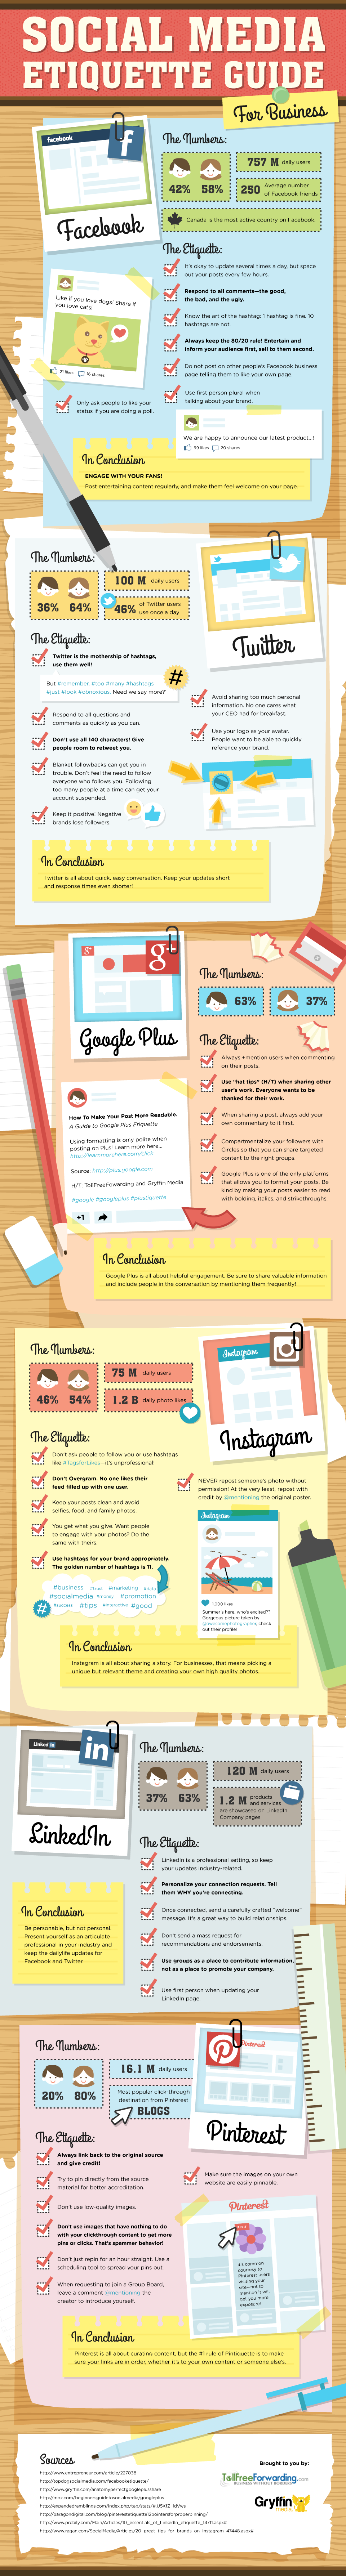 SocialMediaEtiquette (2)